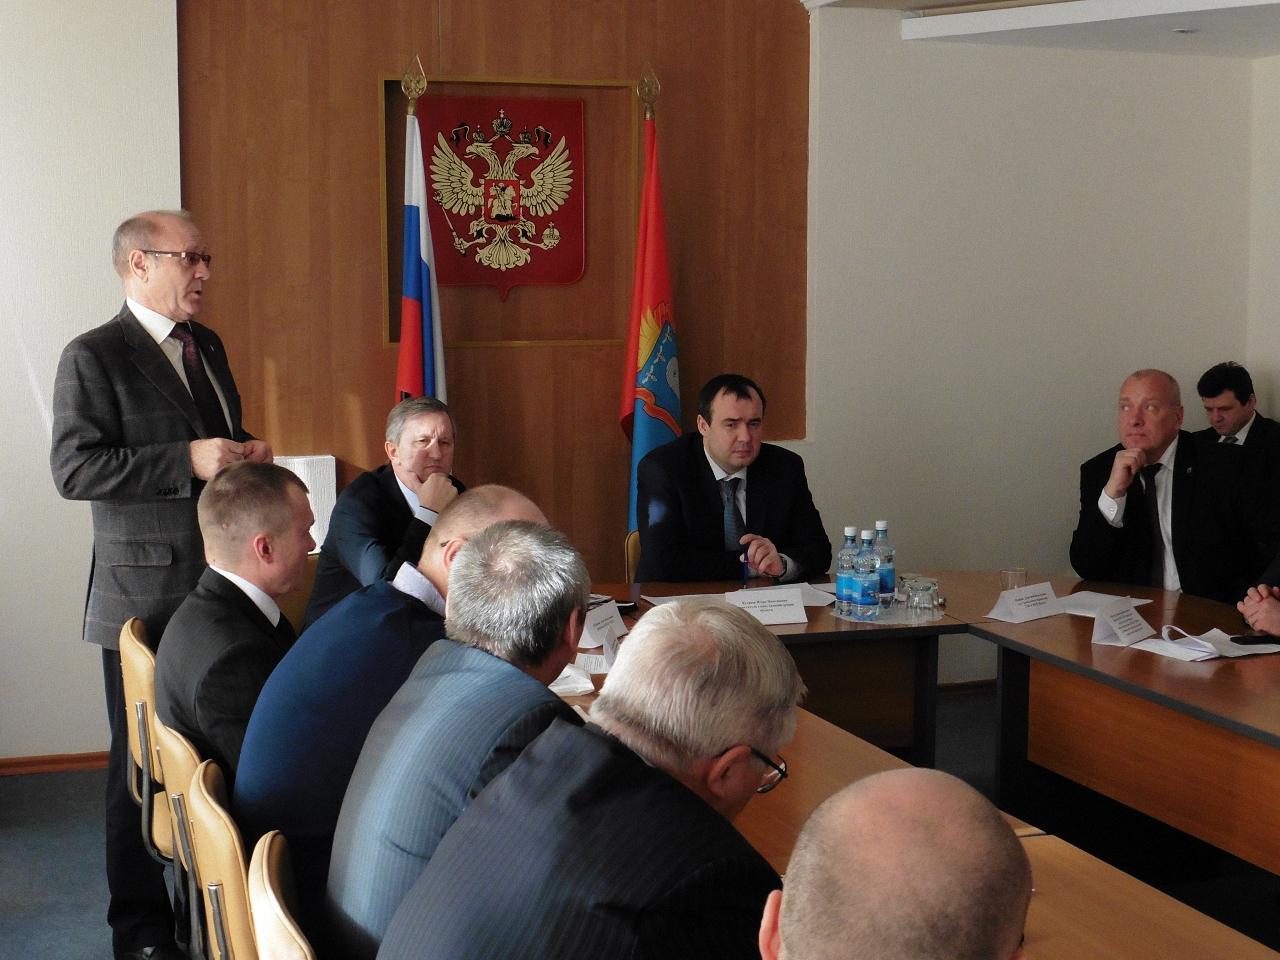 Игорь Николаевич Кулаков, Администрация Тамбовской области, Конференция энергосбережение